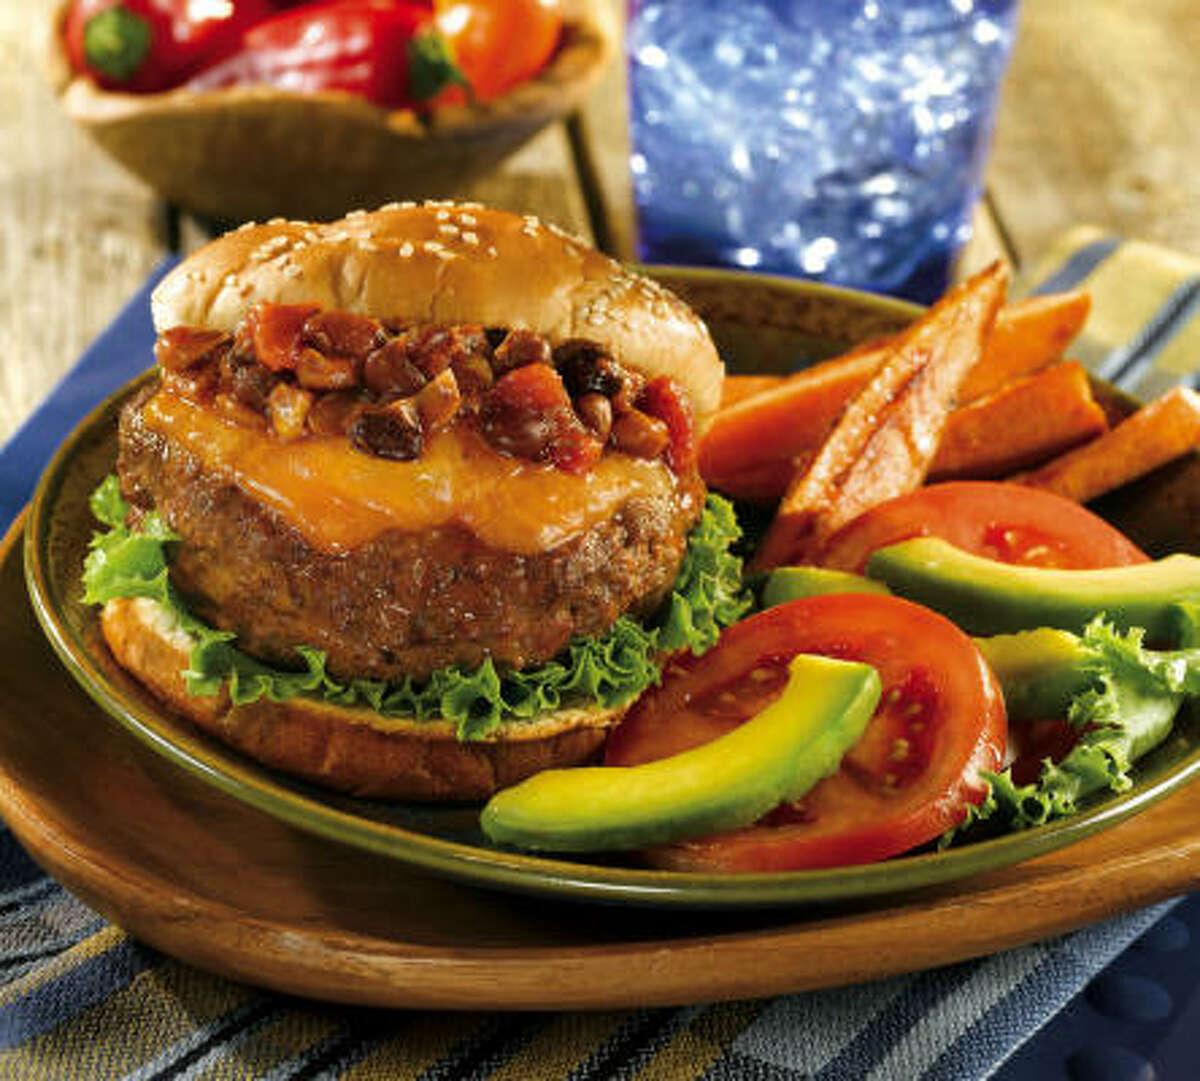 Plato completo: Tus hijos disfrutarán esta hamburguesa si, además de los frijoles, la acompañas con tomate y aguacate.